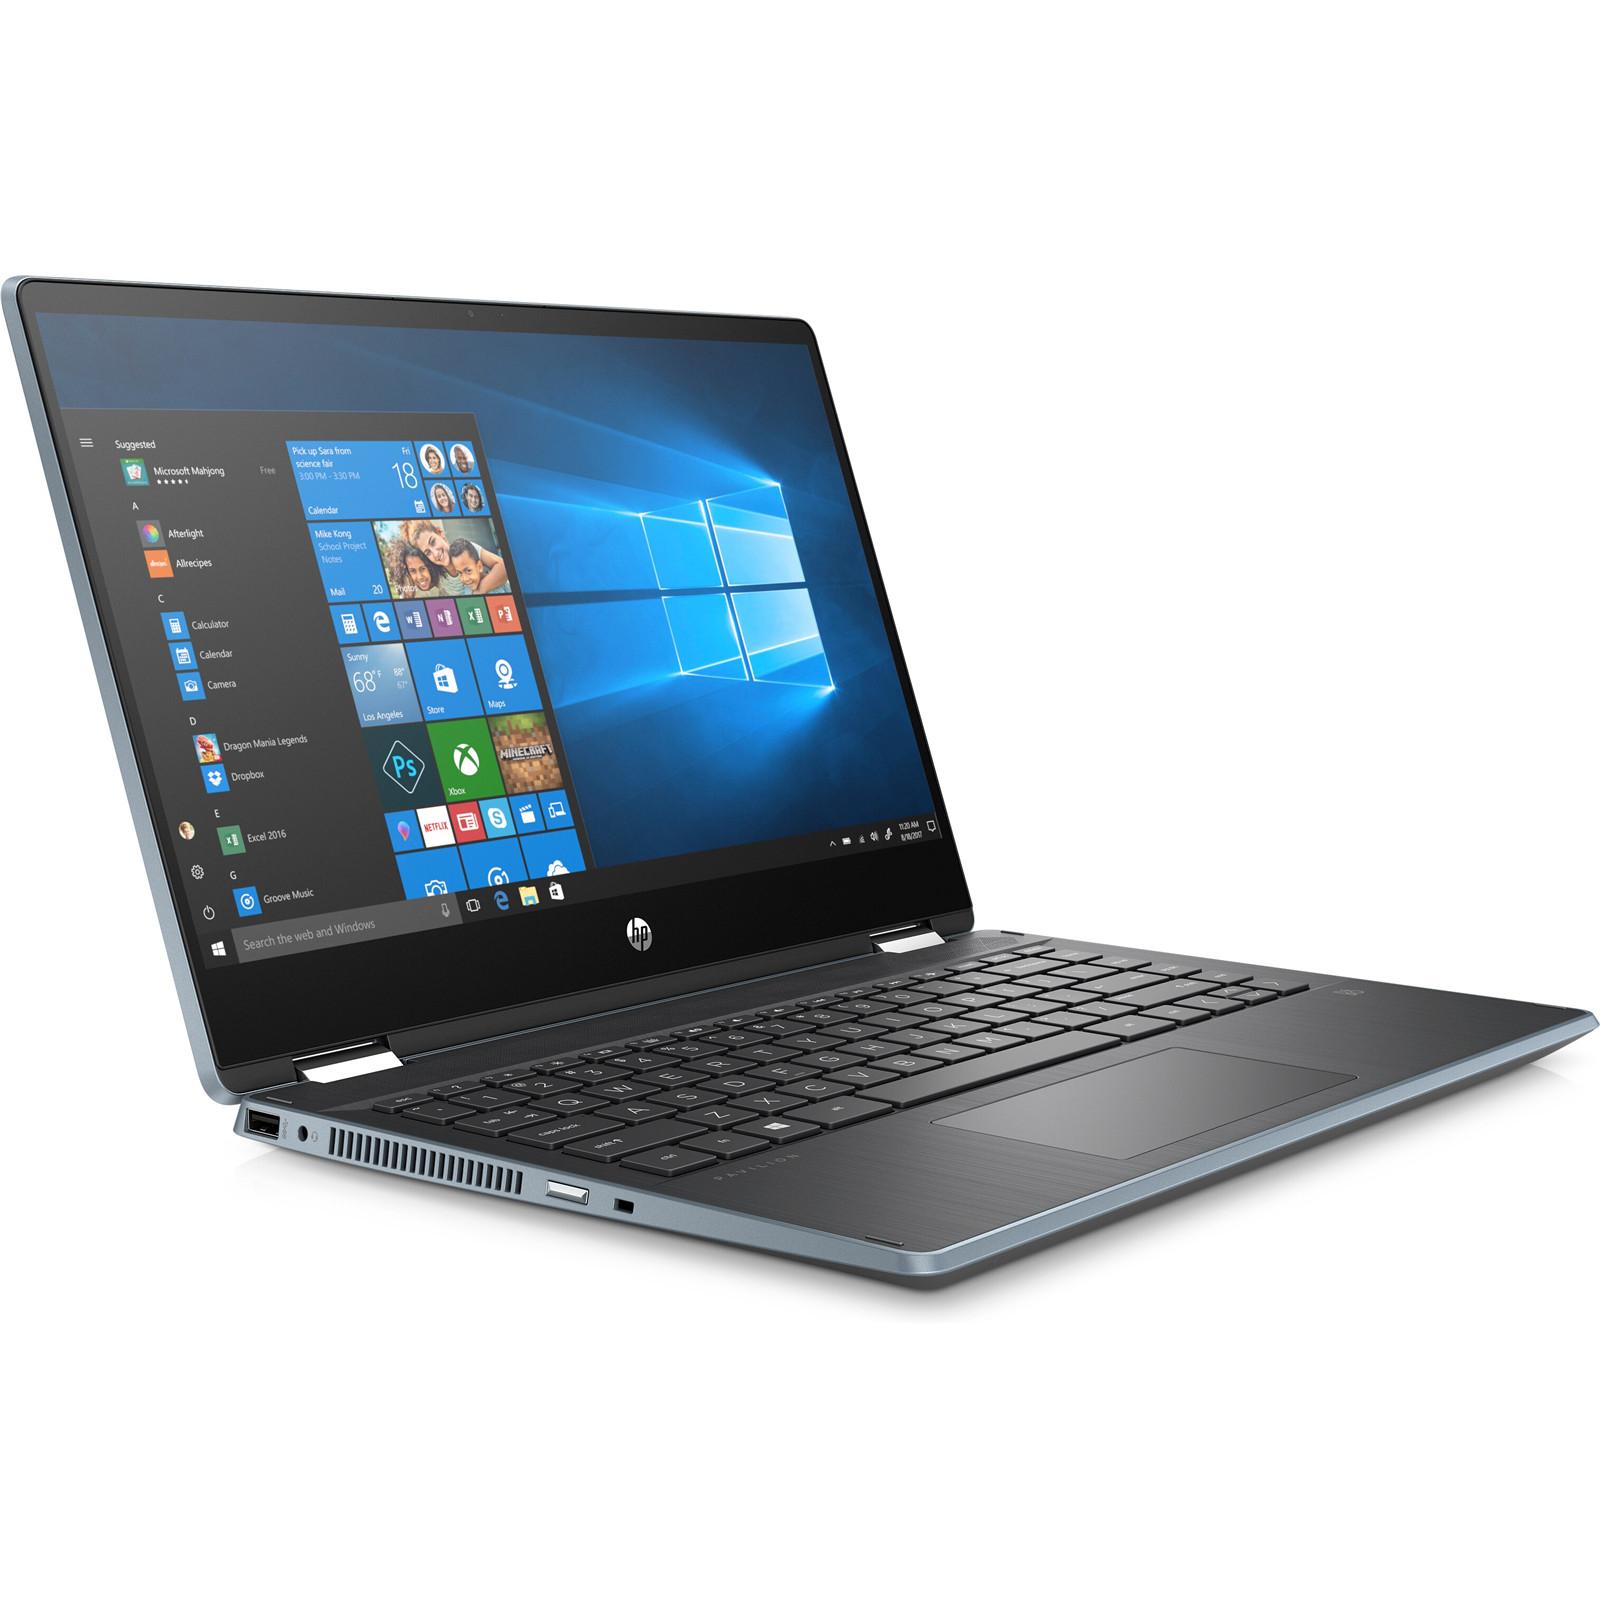 Buy The Hp Pavilion X360 14 Dh0064tu Flip Laptop 14 Hd Touchscreen Intel I5 6yw96pa Online Pbtech Co Nz